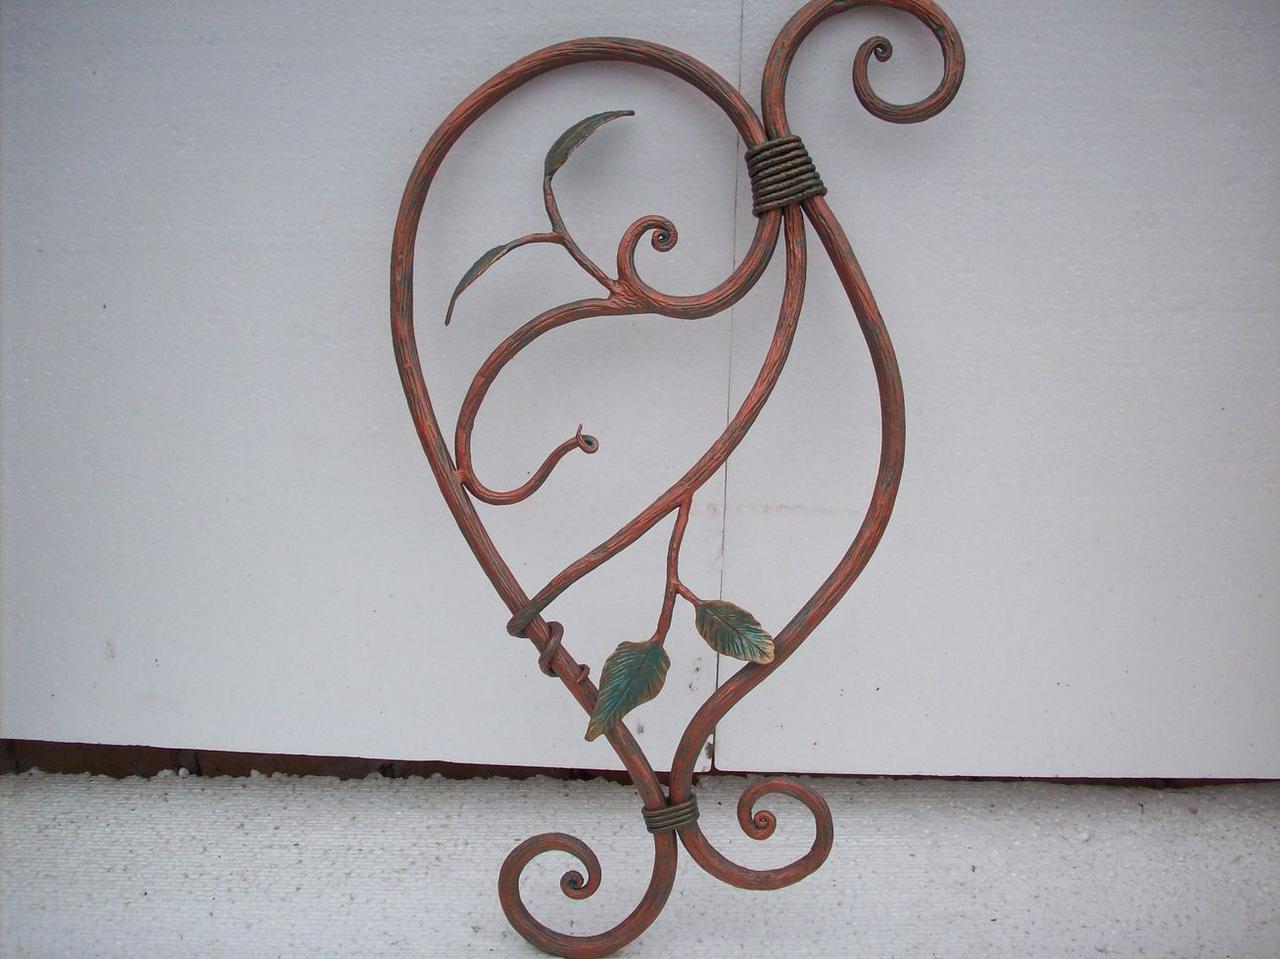 Кронштейн декоративный кованый с листьями